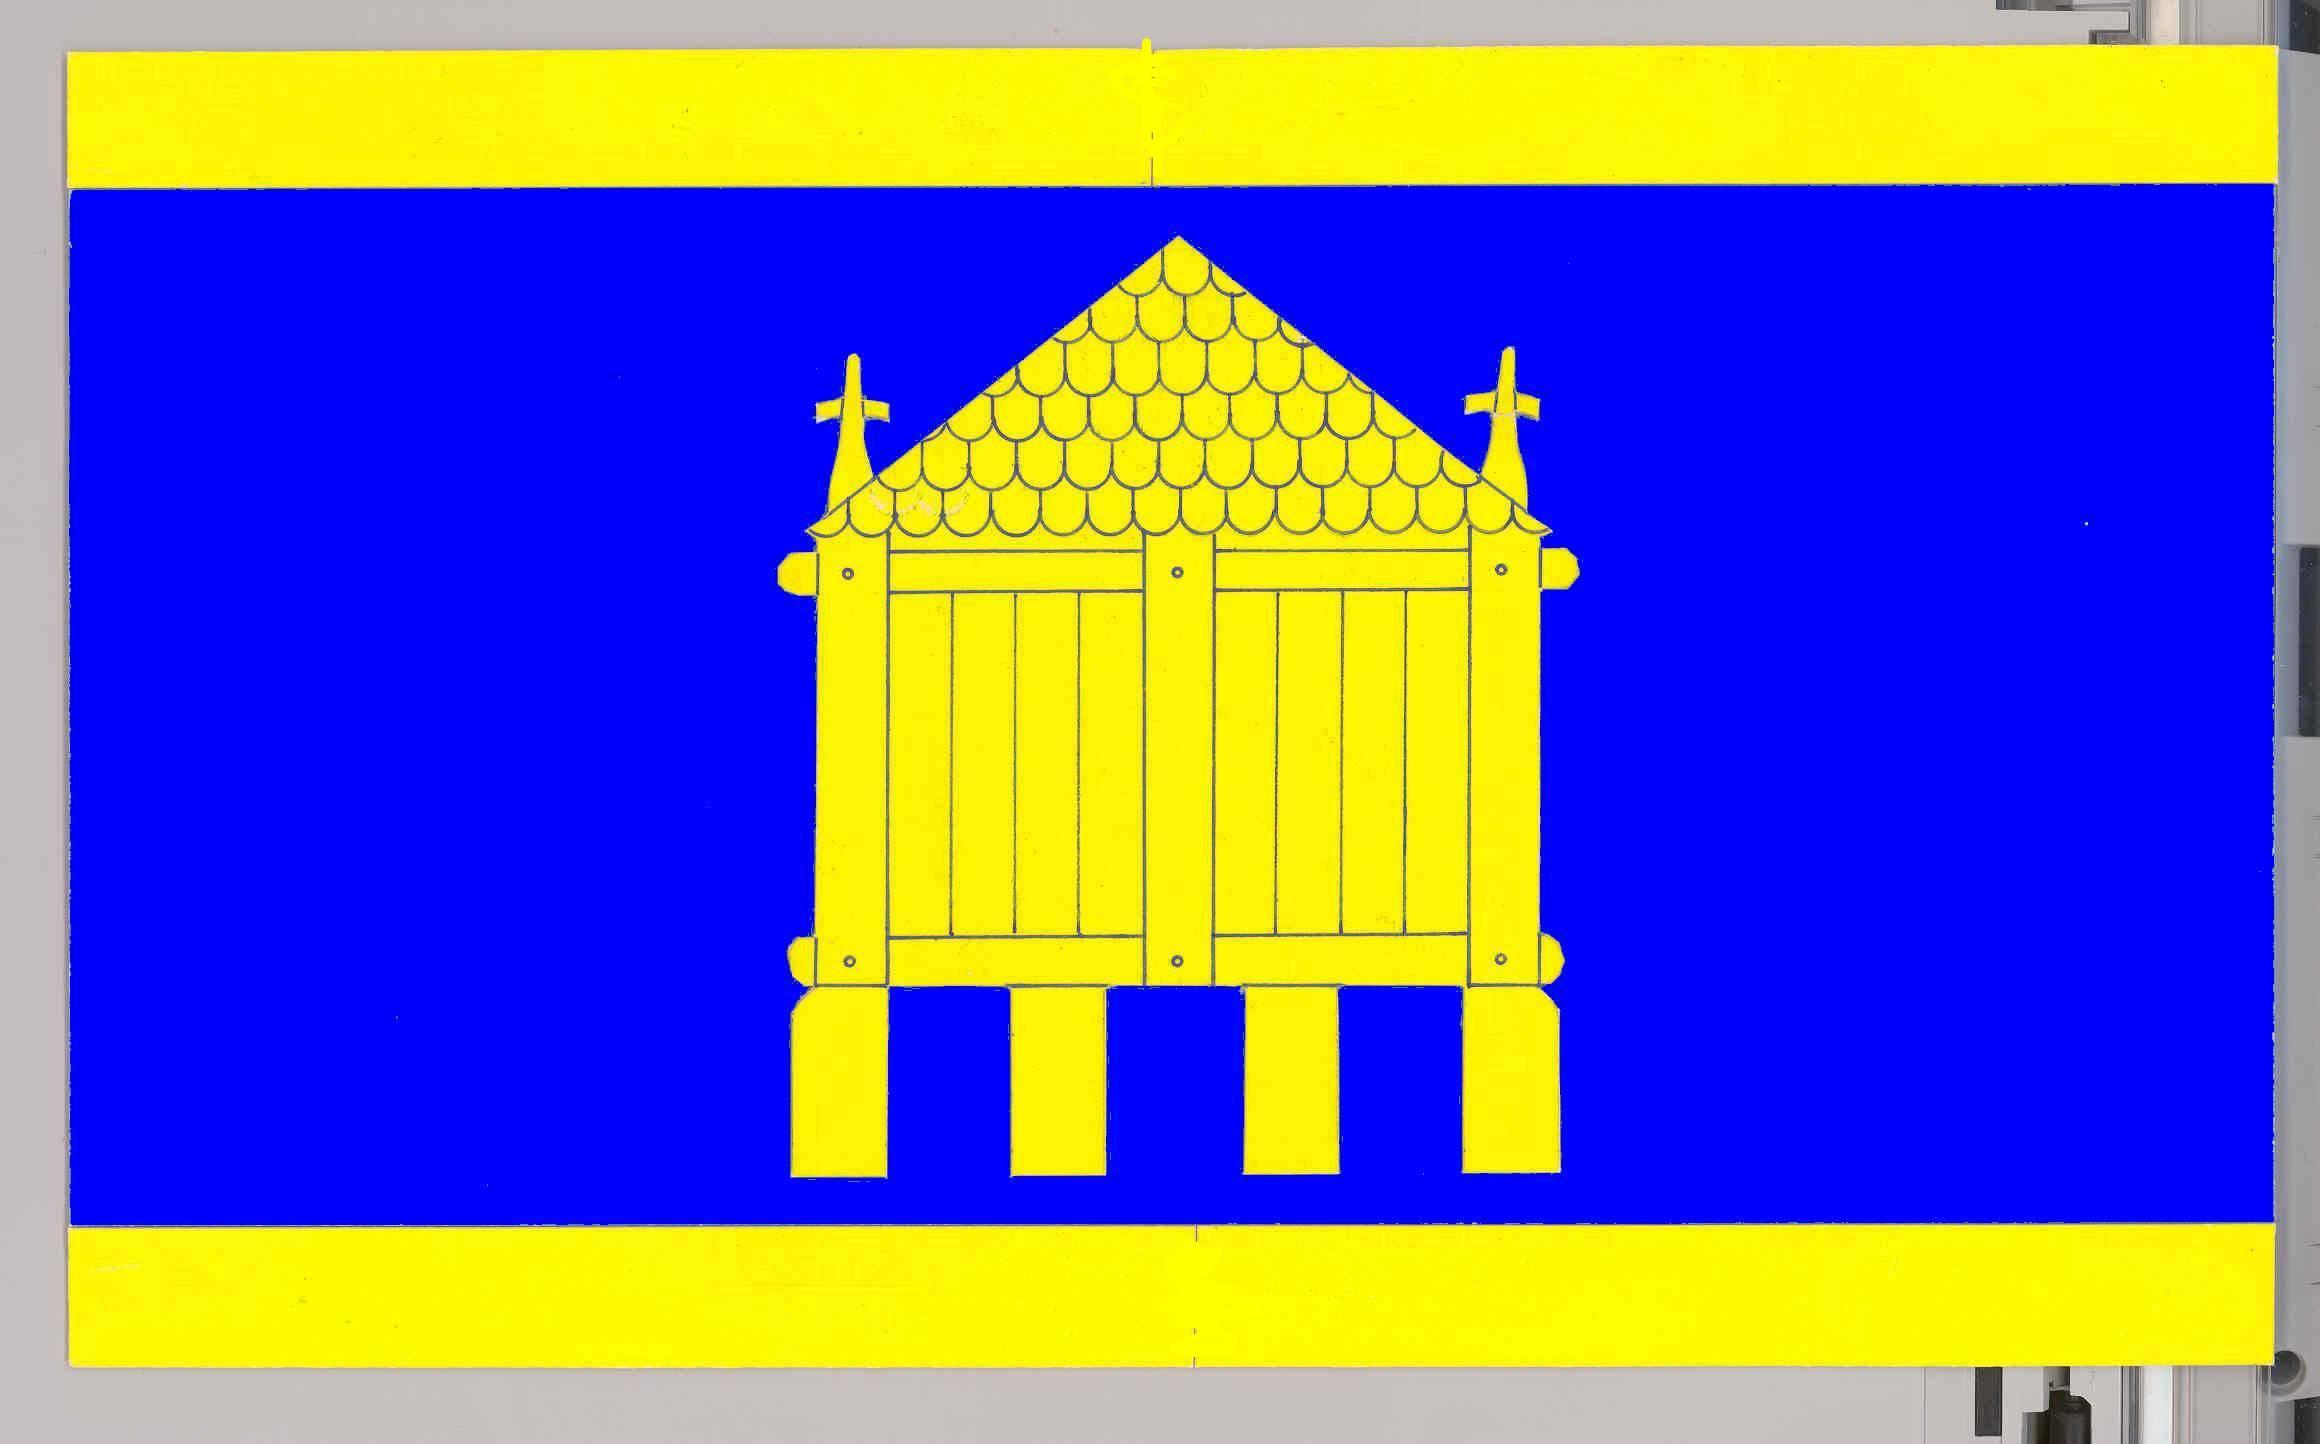 Flagge GemeindeHusby, Kreis Schleswig-Flensburg